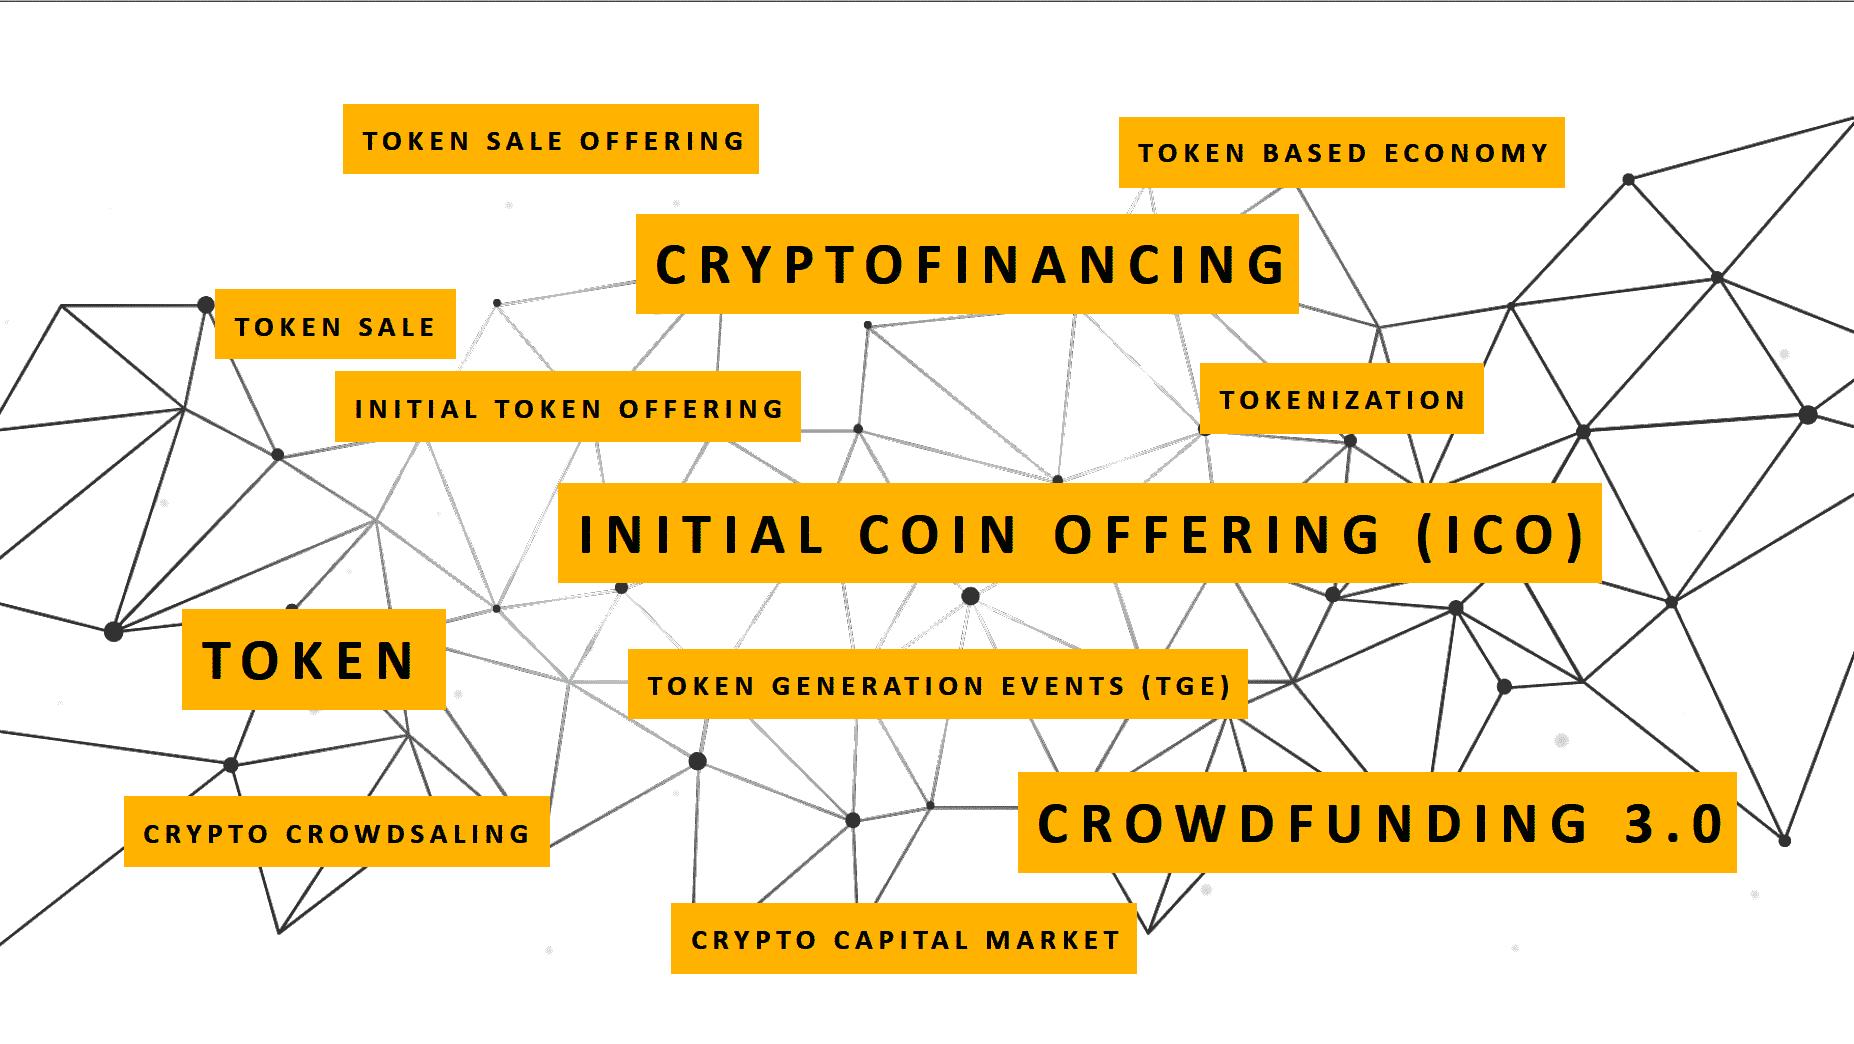 Mit Crypto & Blockchain Events in den Oktober starten - Gruenderfreunde Rabatt sichern!